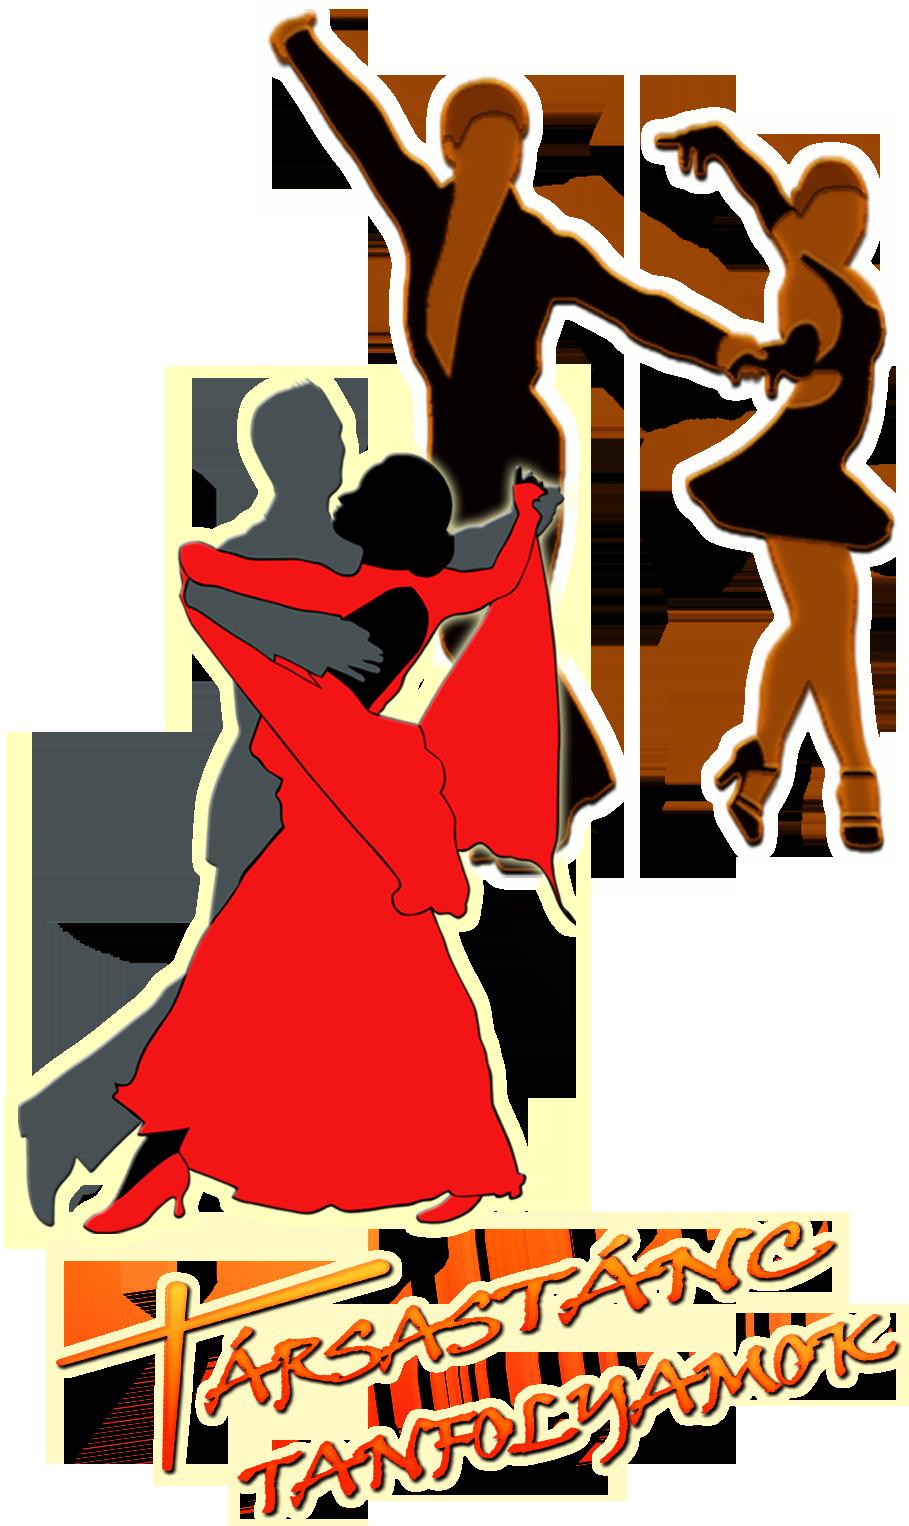 Társastánc és Salsa tánctanfolyamok